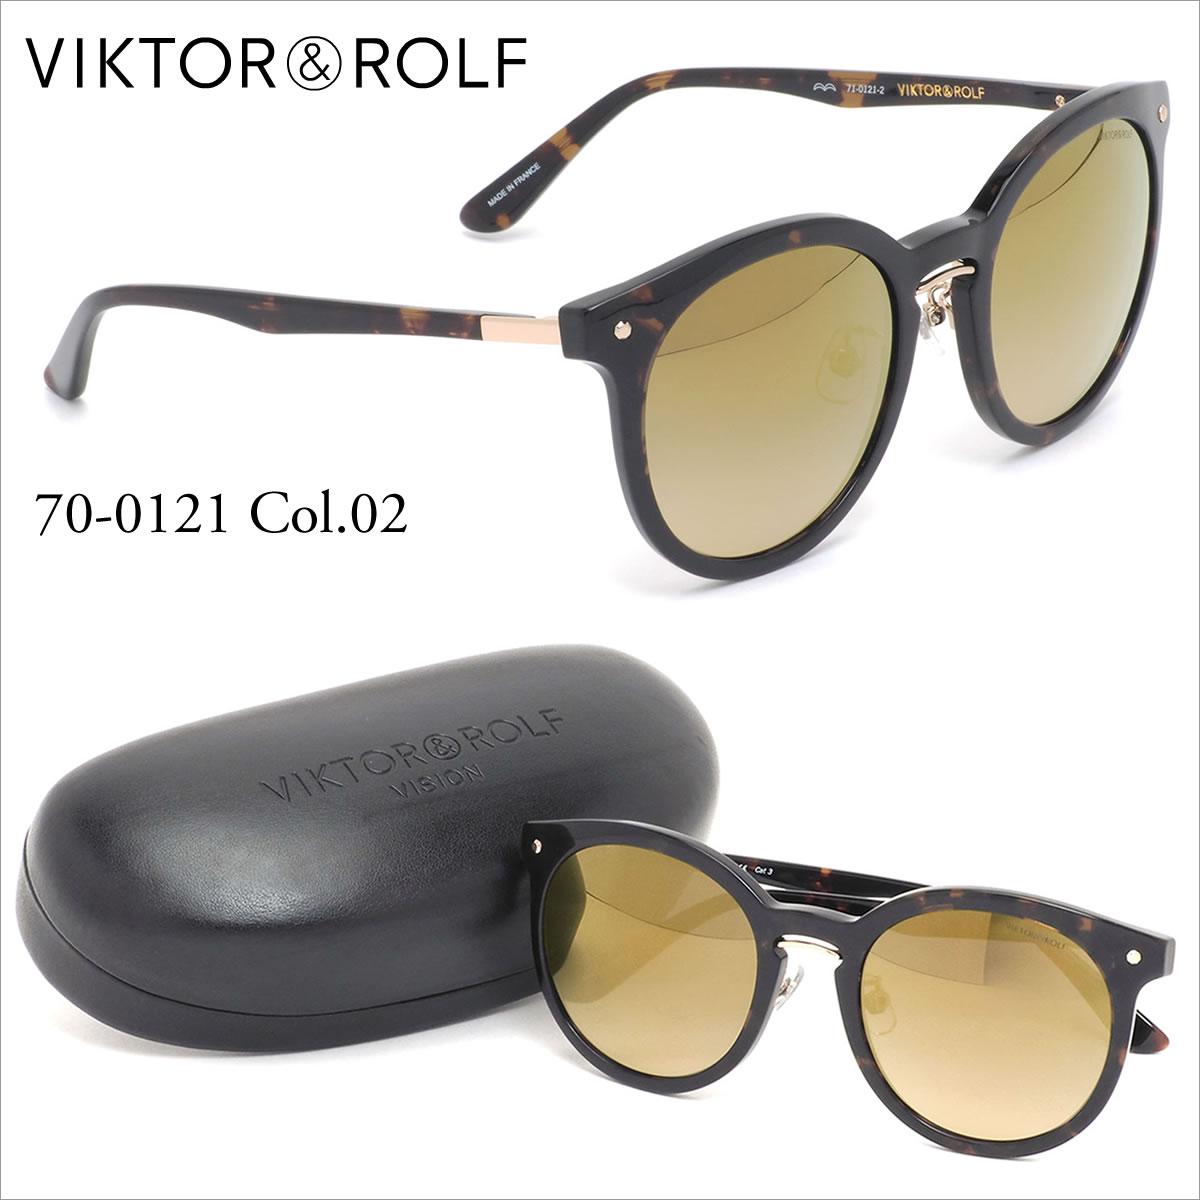 ヴィクター&ロルフ VIKTOR & ROLF サングラス 71-0121 02 55サイズ ボストン ツーブリッジ べっ甲 ミラー レトロ クラシック VIKTOR&ROLF メンズ レディース